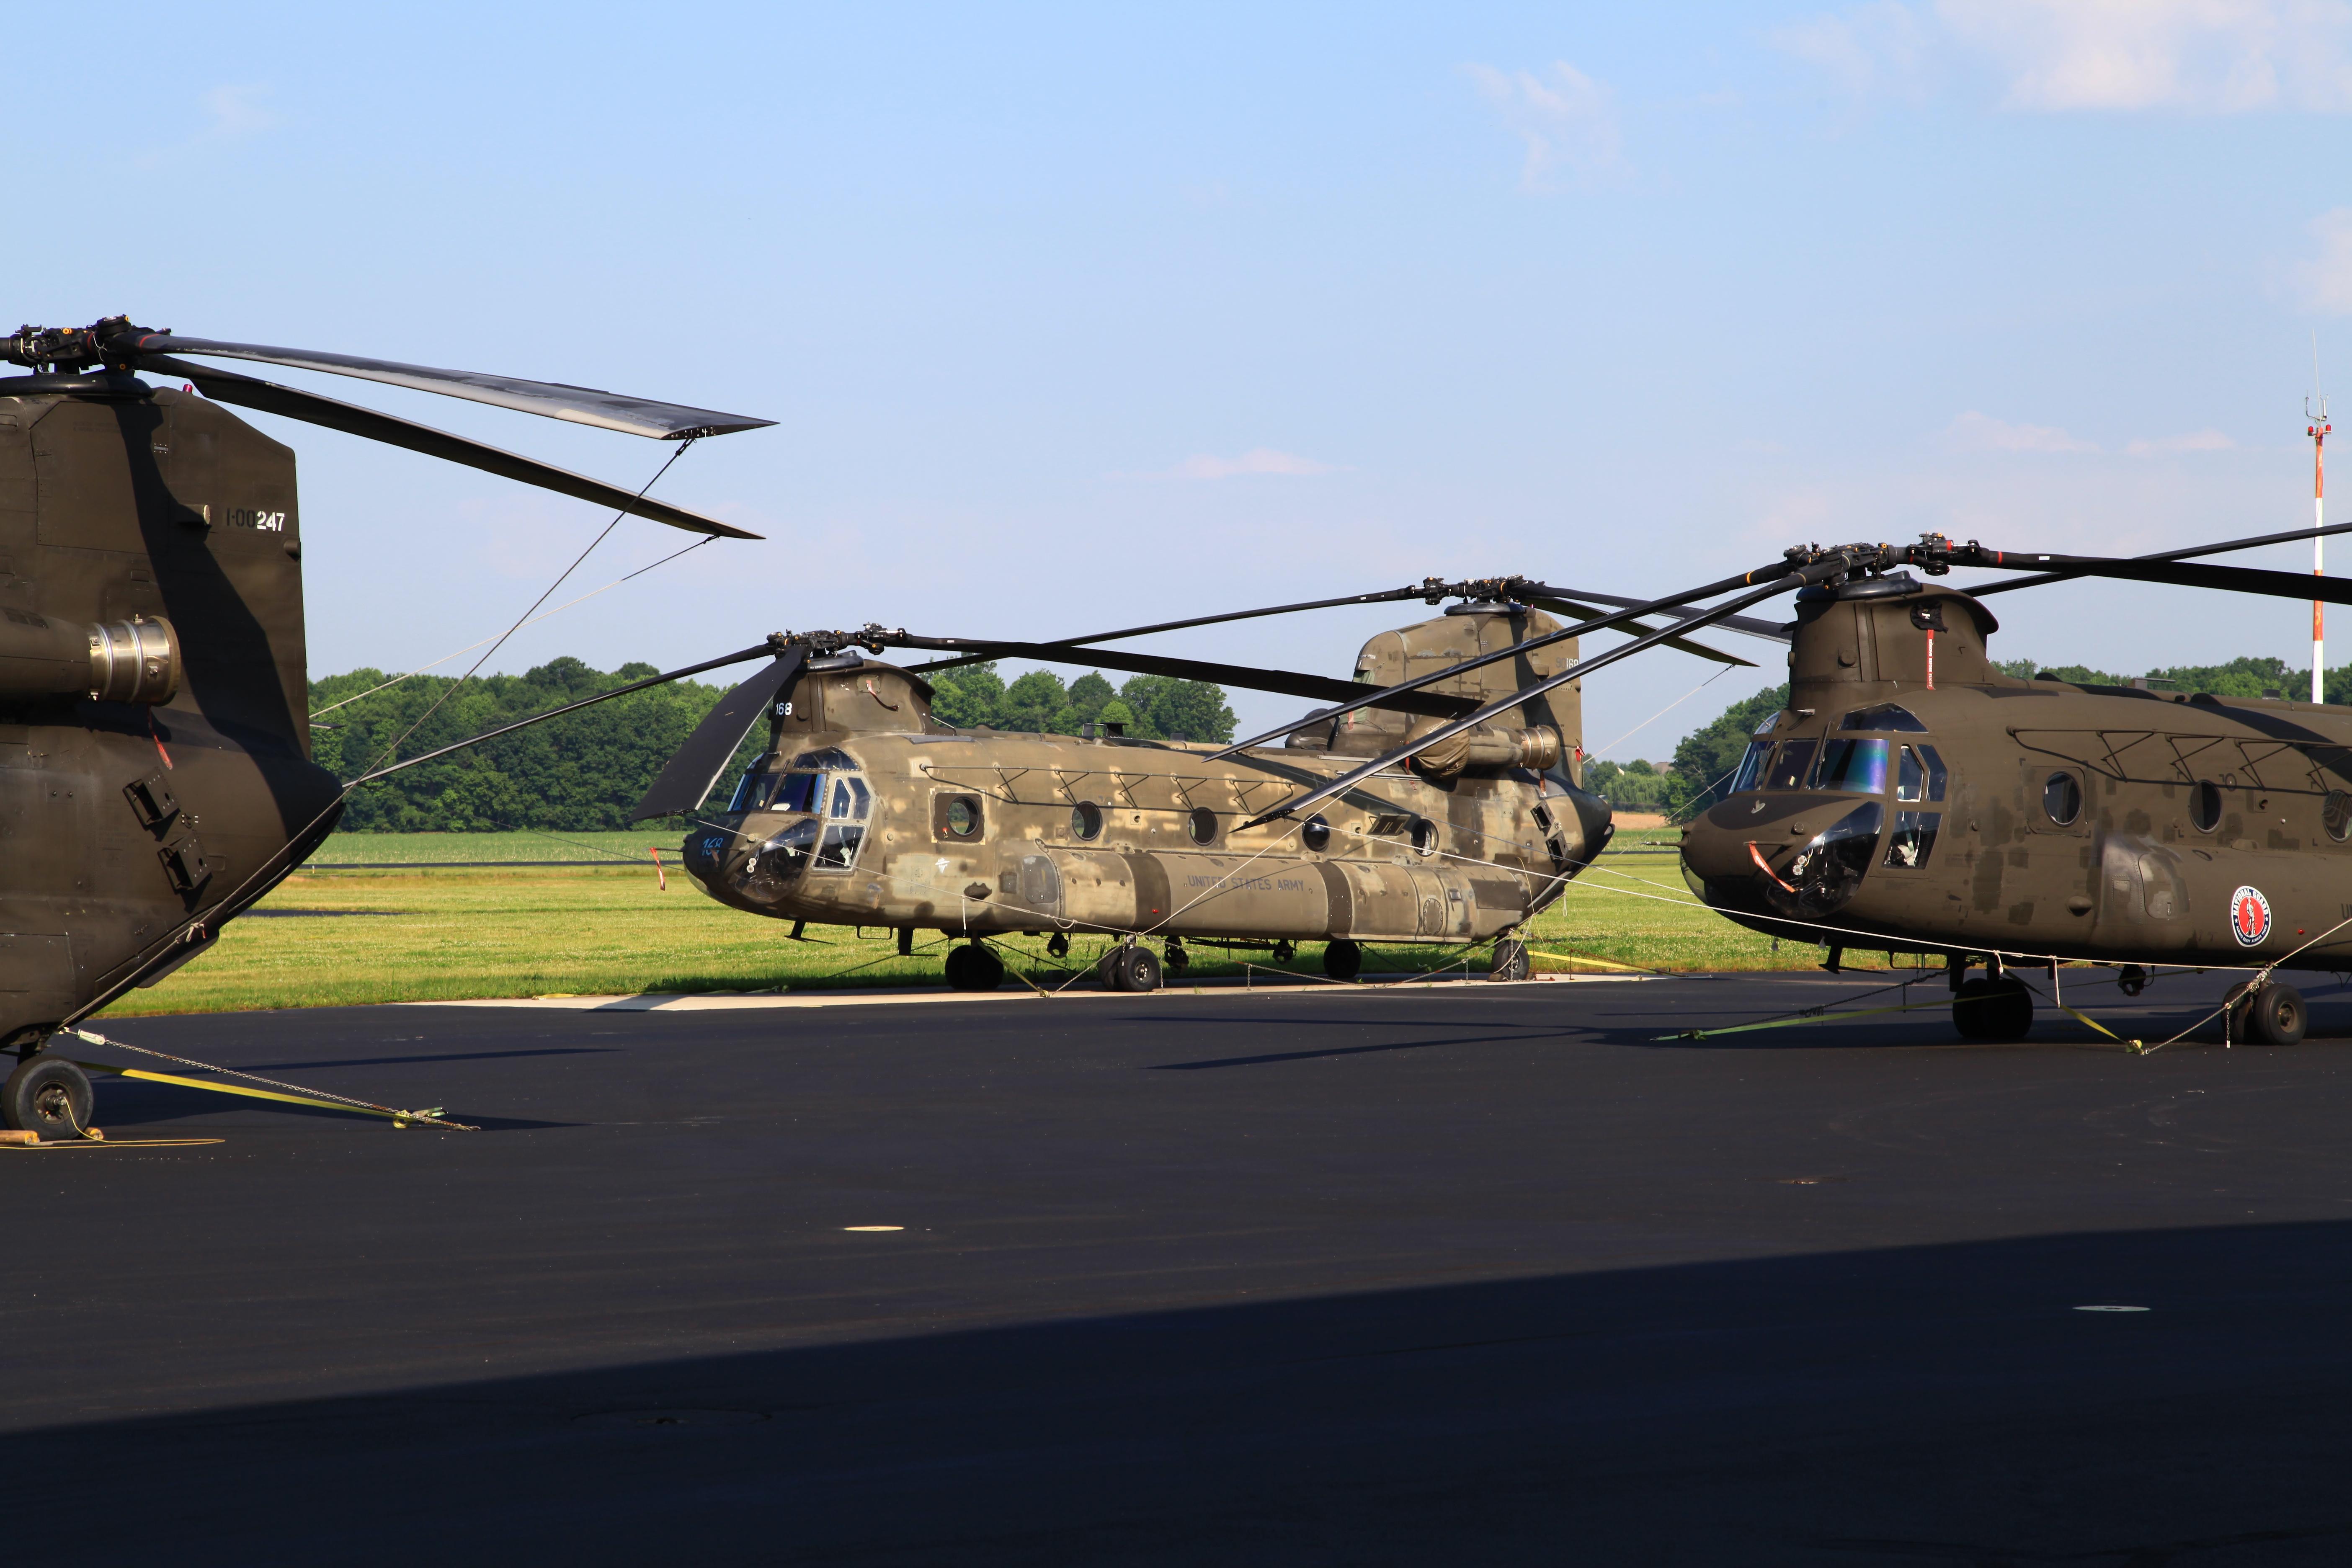 правильно согласно фотография американского вертолета ханкук ничего